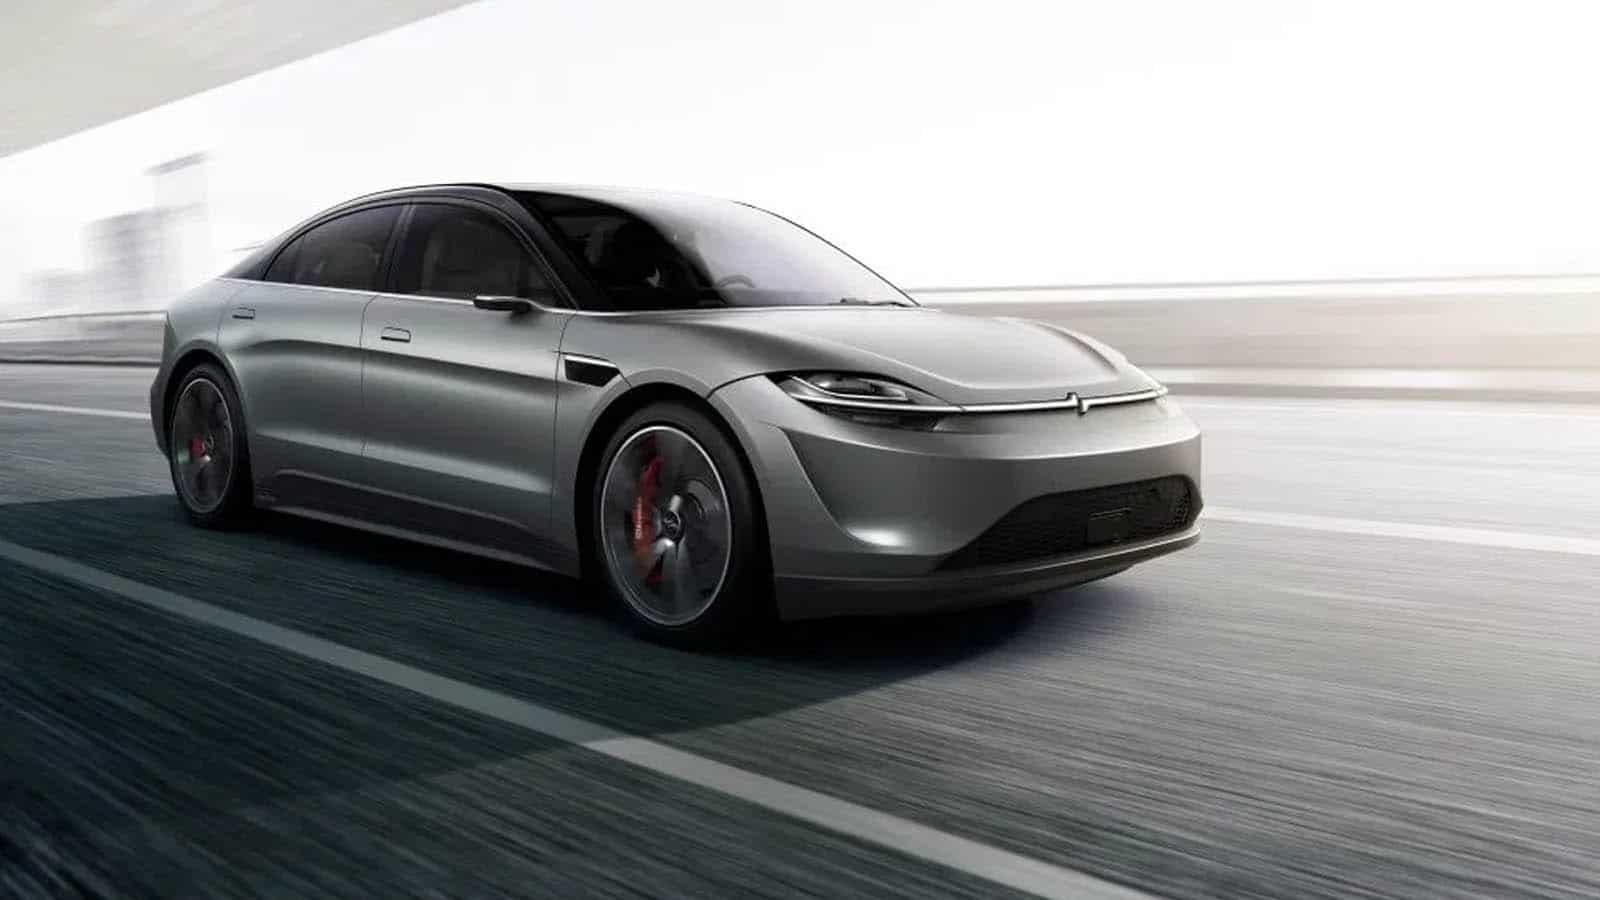 Bilbranschen tog sedvanlig stor plats på CES - miljön allt viktigare 1